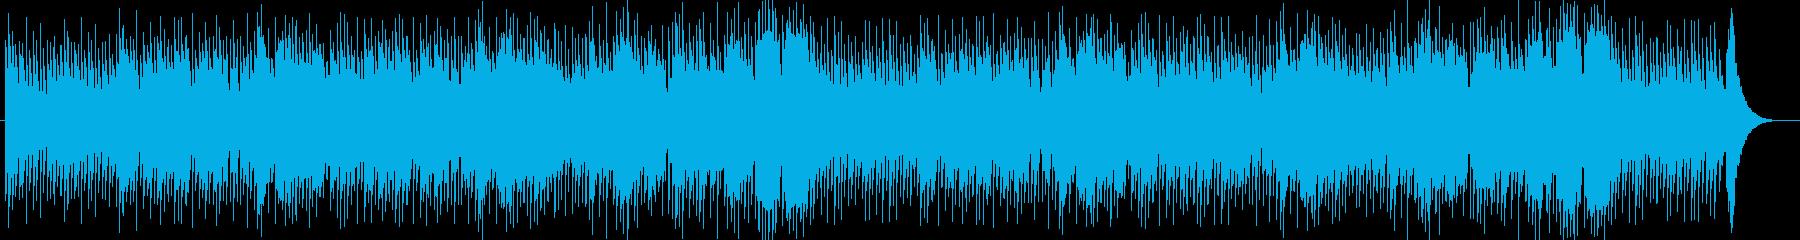 ギター&チェロ&ピアノの落ち着くBGMの再生済みの波形